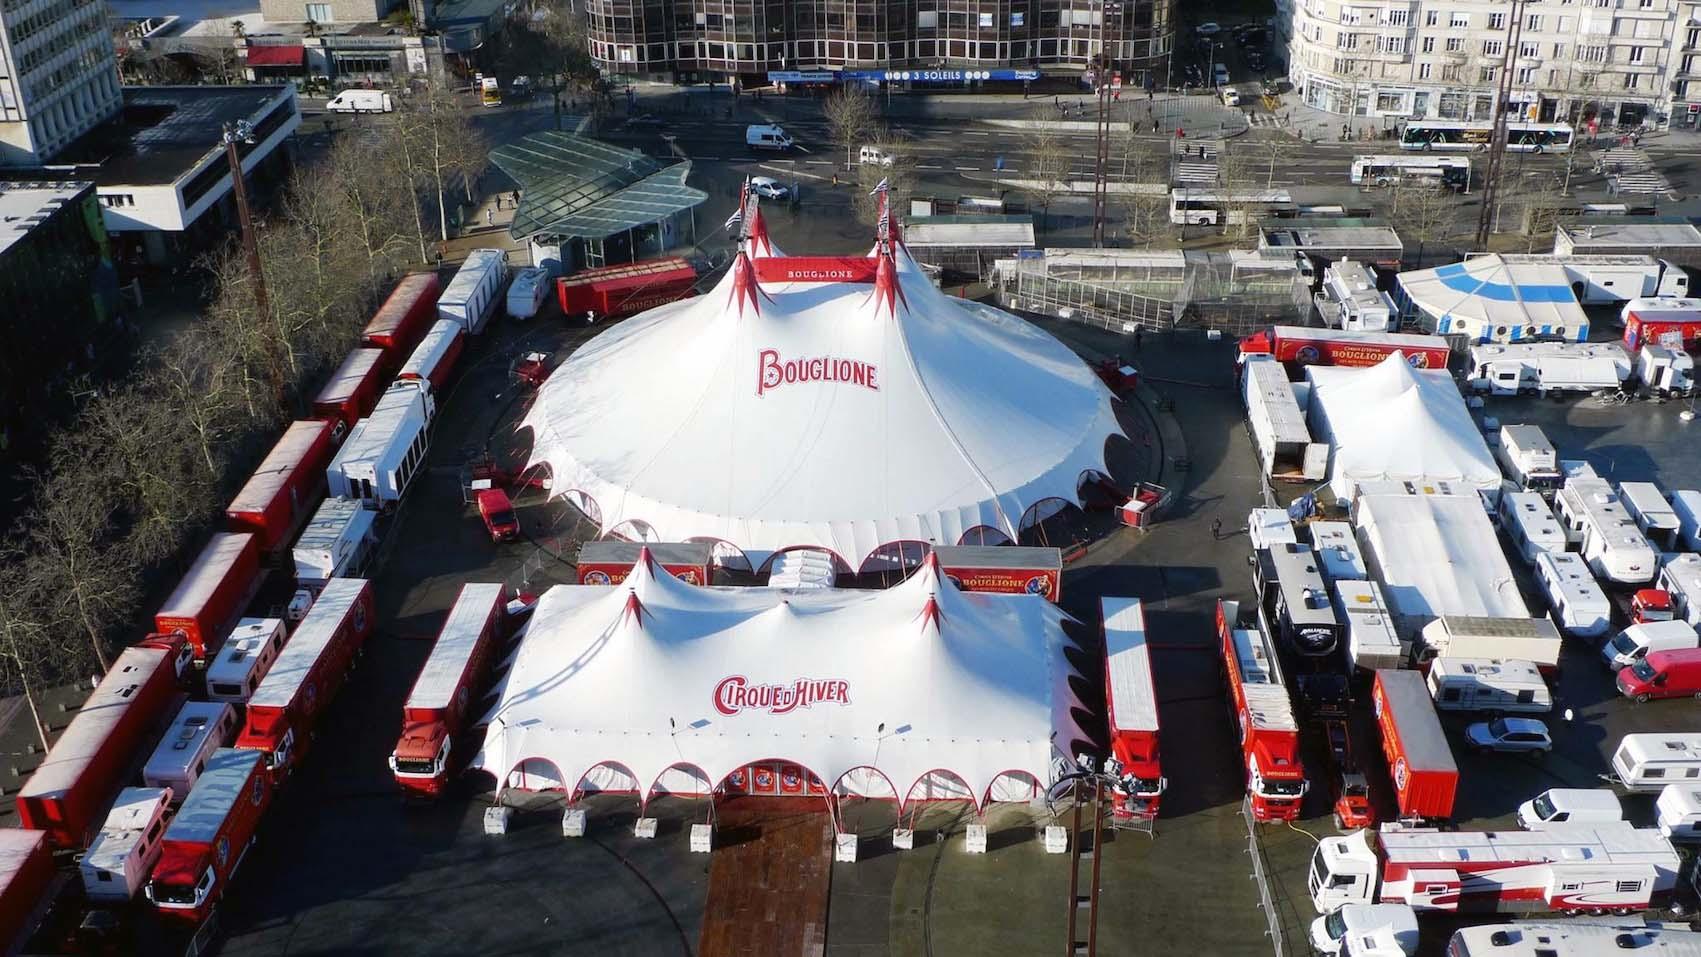 Des projets avec le prestigieux cirque Bouglione